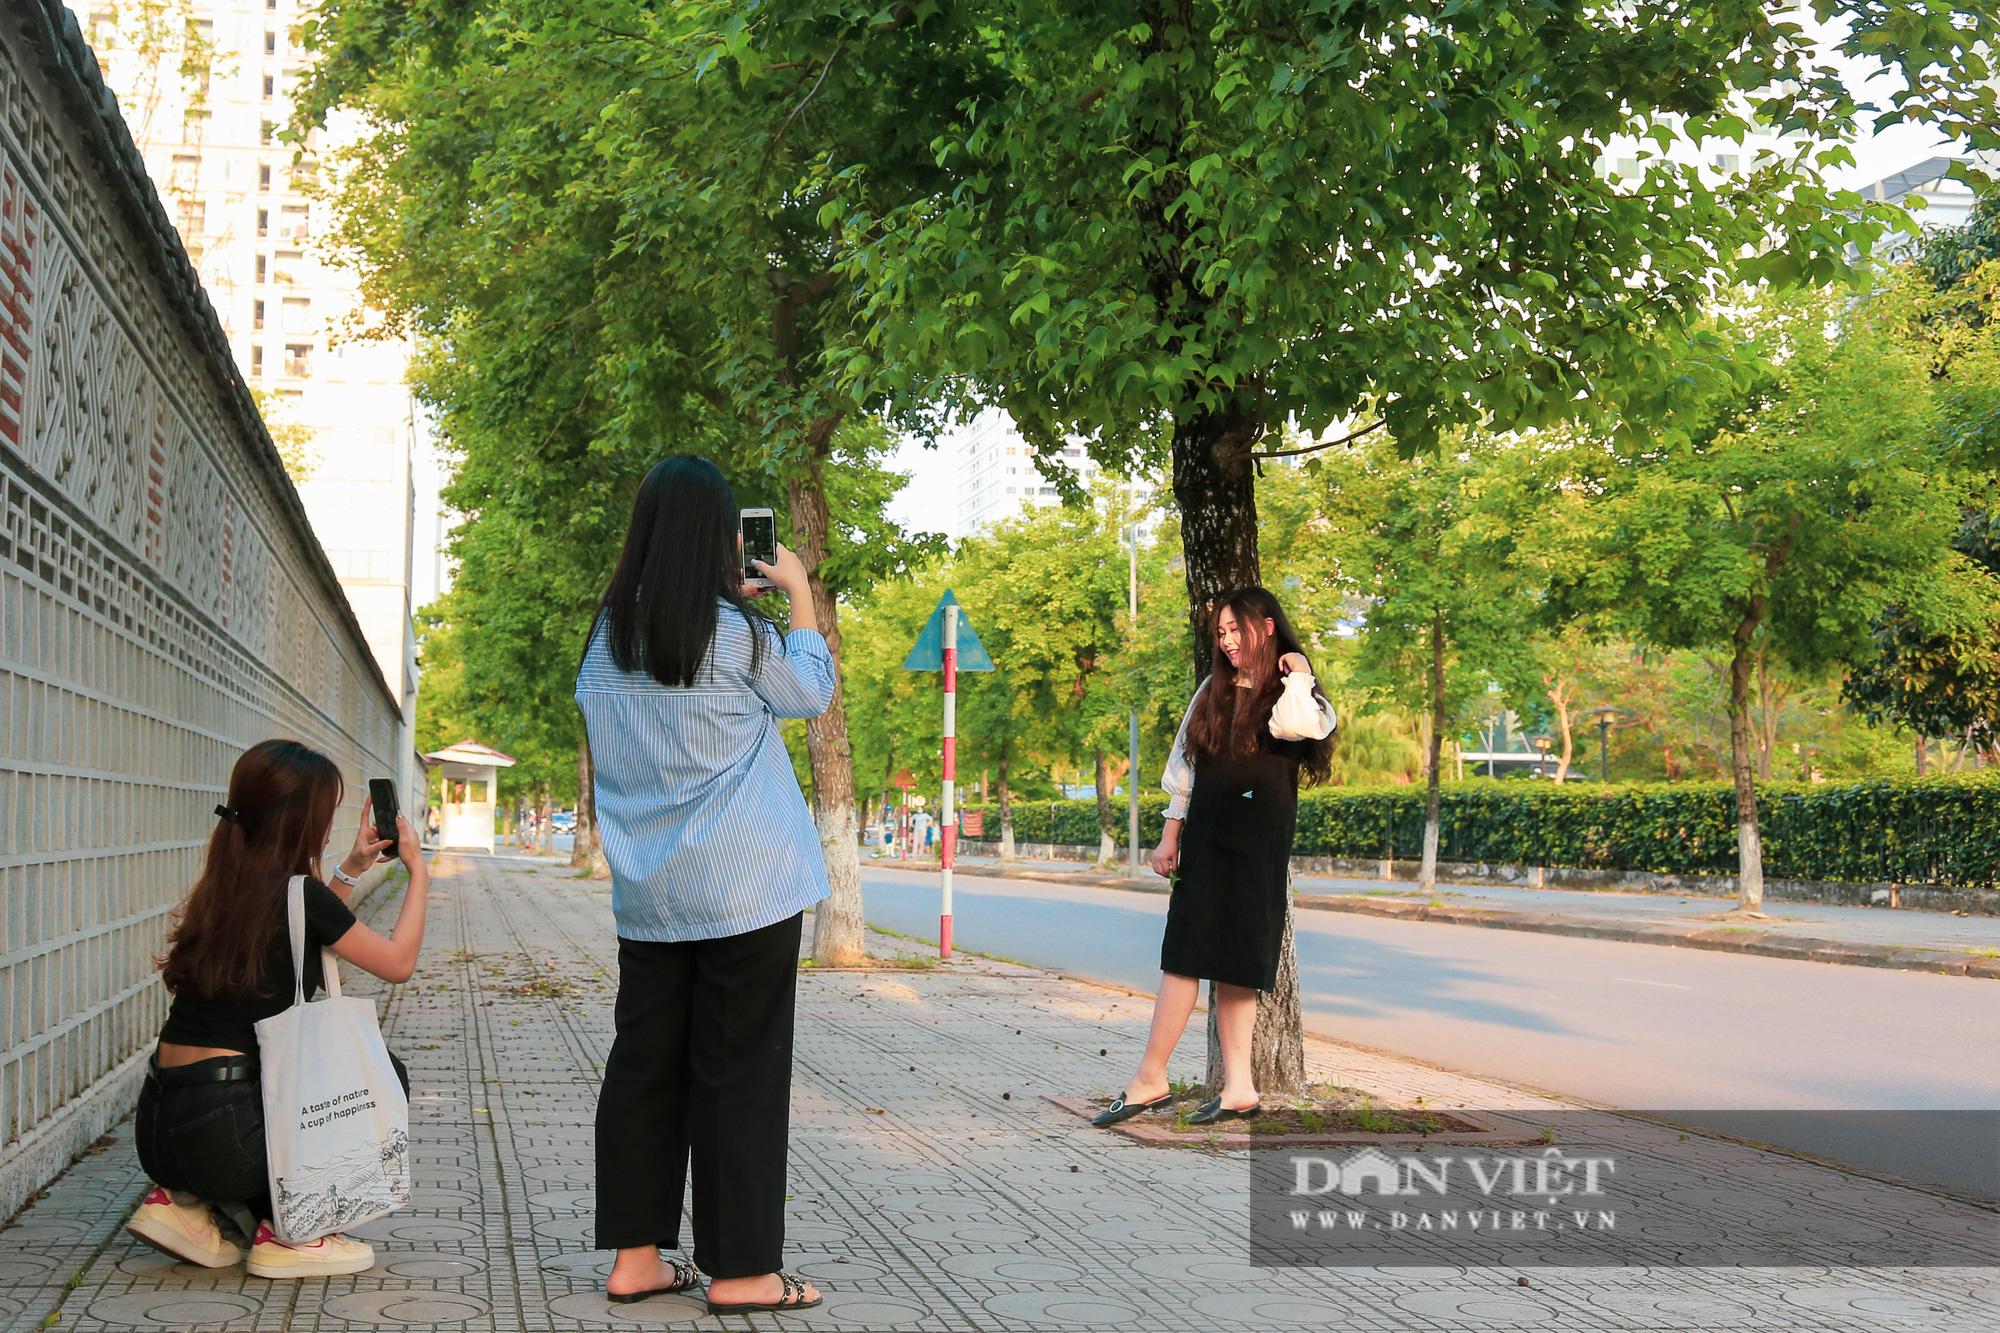 Ngỡ ngàng loài cây giống hệt phong lá đỏ xanh tốt giữa phố Hà Nội - Ảnh 10.